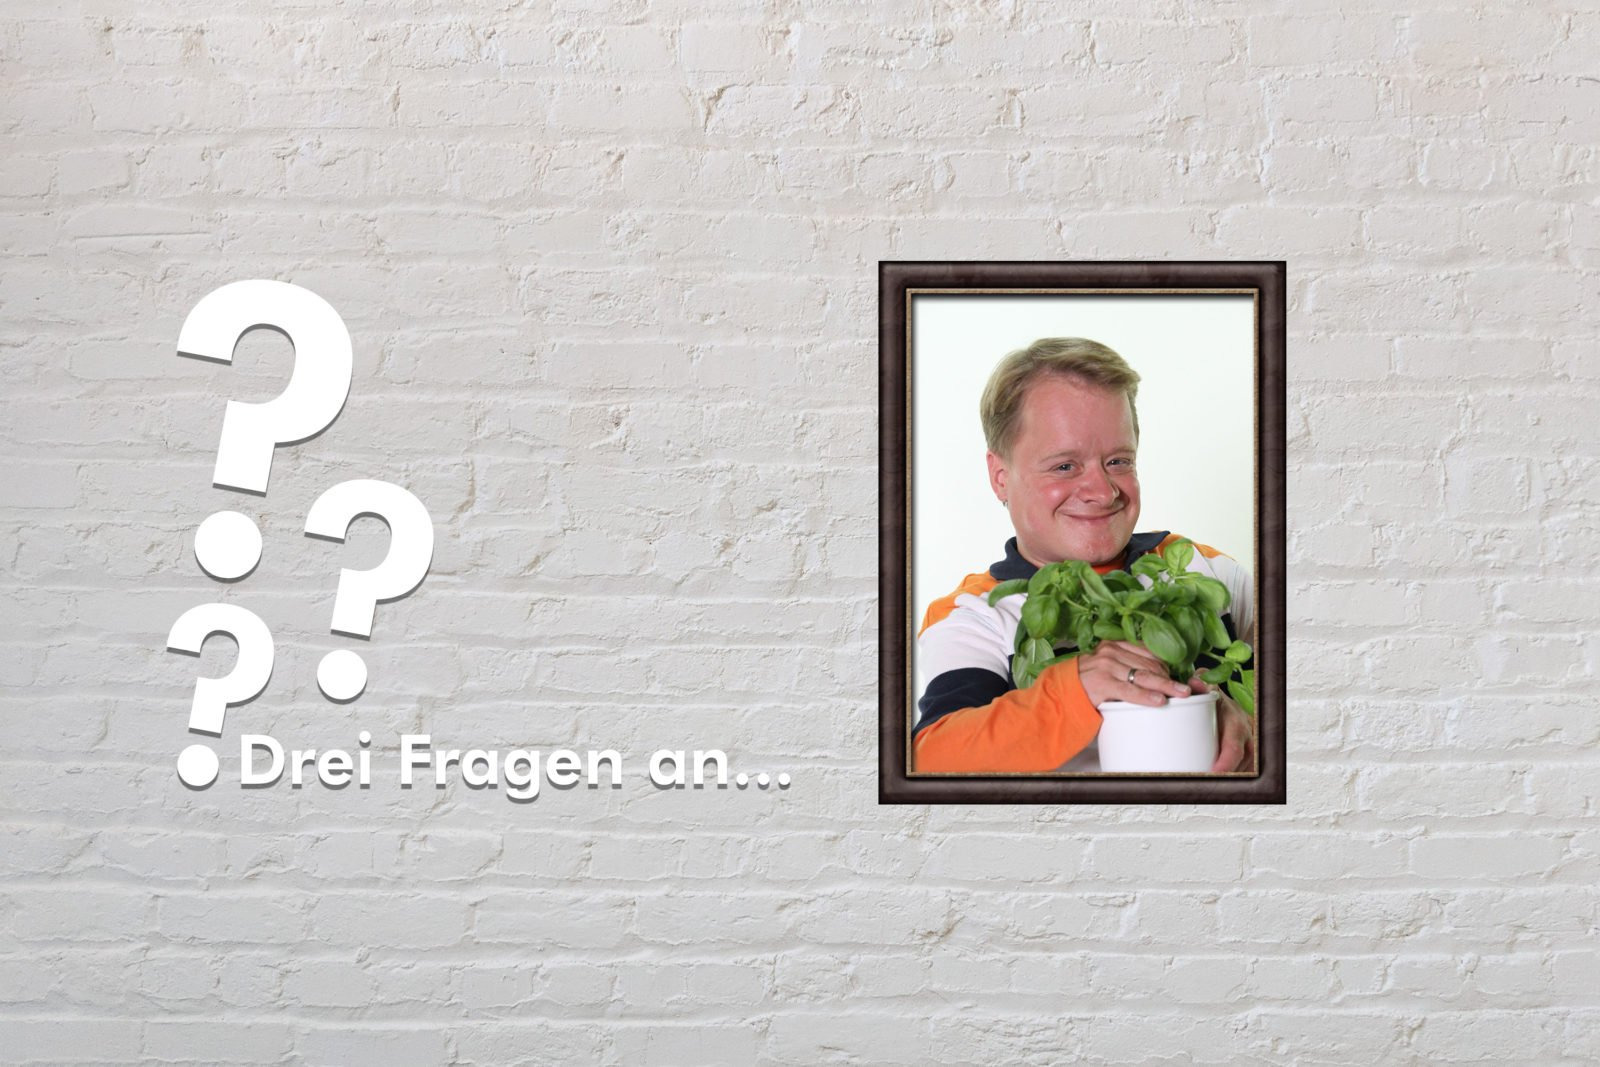 Fotomontage: Eine weiße Steinwand - darauf ein Rahmen, in den ein Bild von Volker Westermann montiert ist, daneben der Schriftzug Drei Fragen an... und drei Fragezeichen.